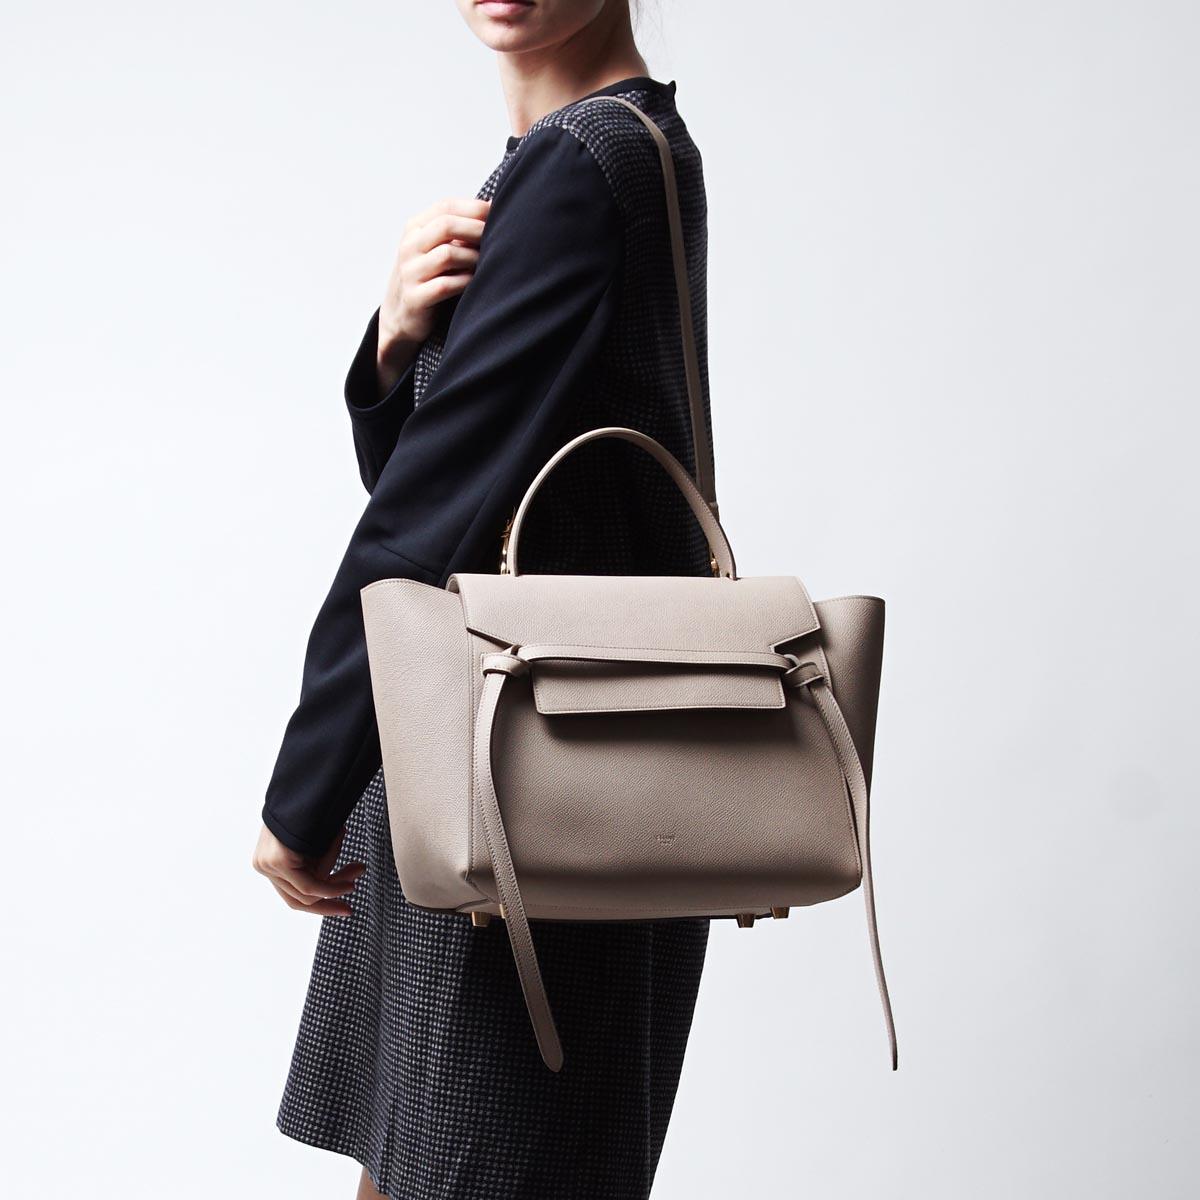 赛琳娜CELINE手提包(2WAY式样)Belt Bag LEATHER Light taupe浅驼色派17610 3zva 18lt女士